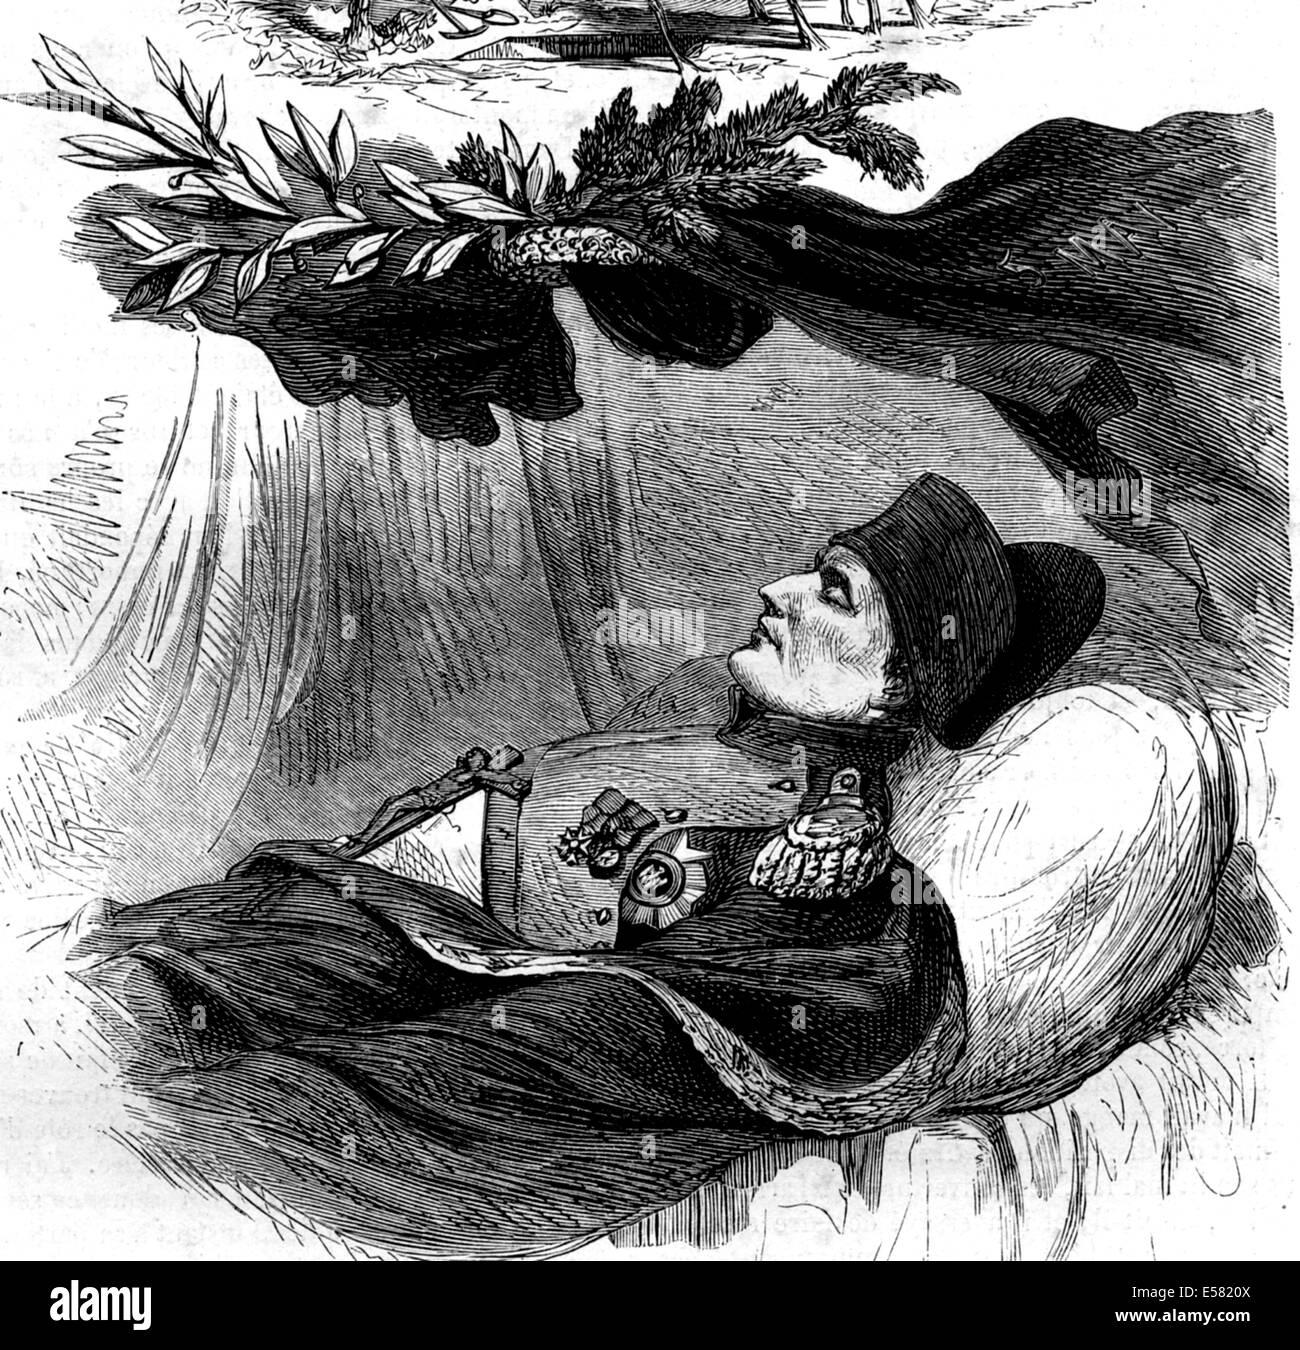 Sur le lit de Napoléon 1er, 5 mai 1821, Longwood, île Sainte Hélène, 1858 Banque D'Images